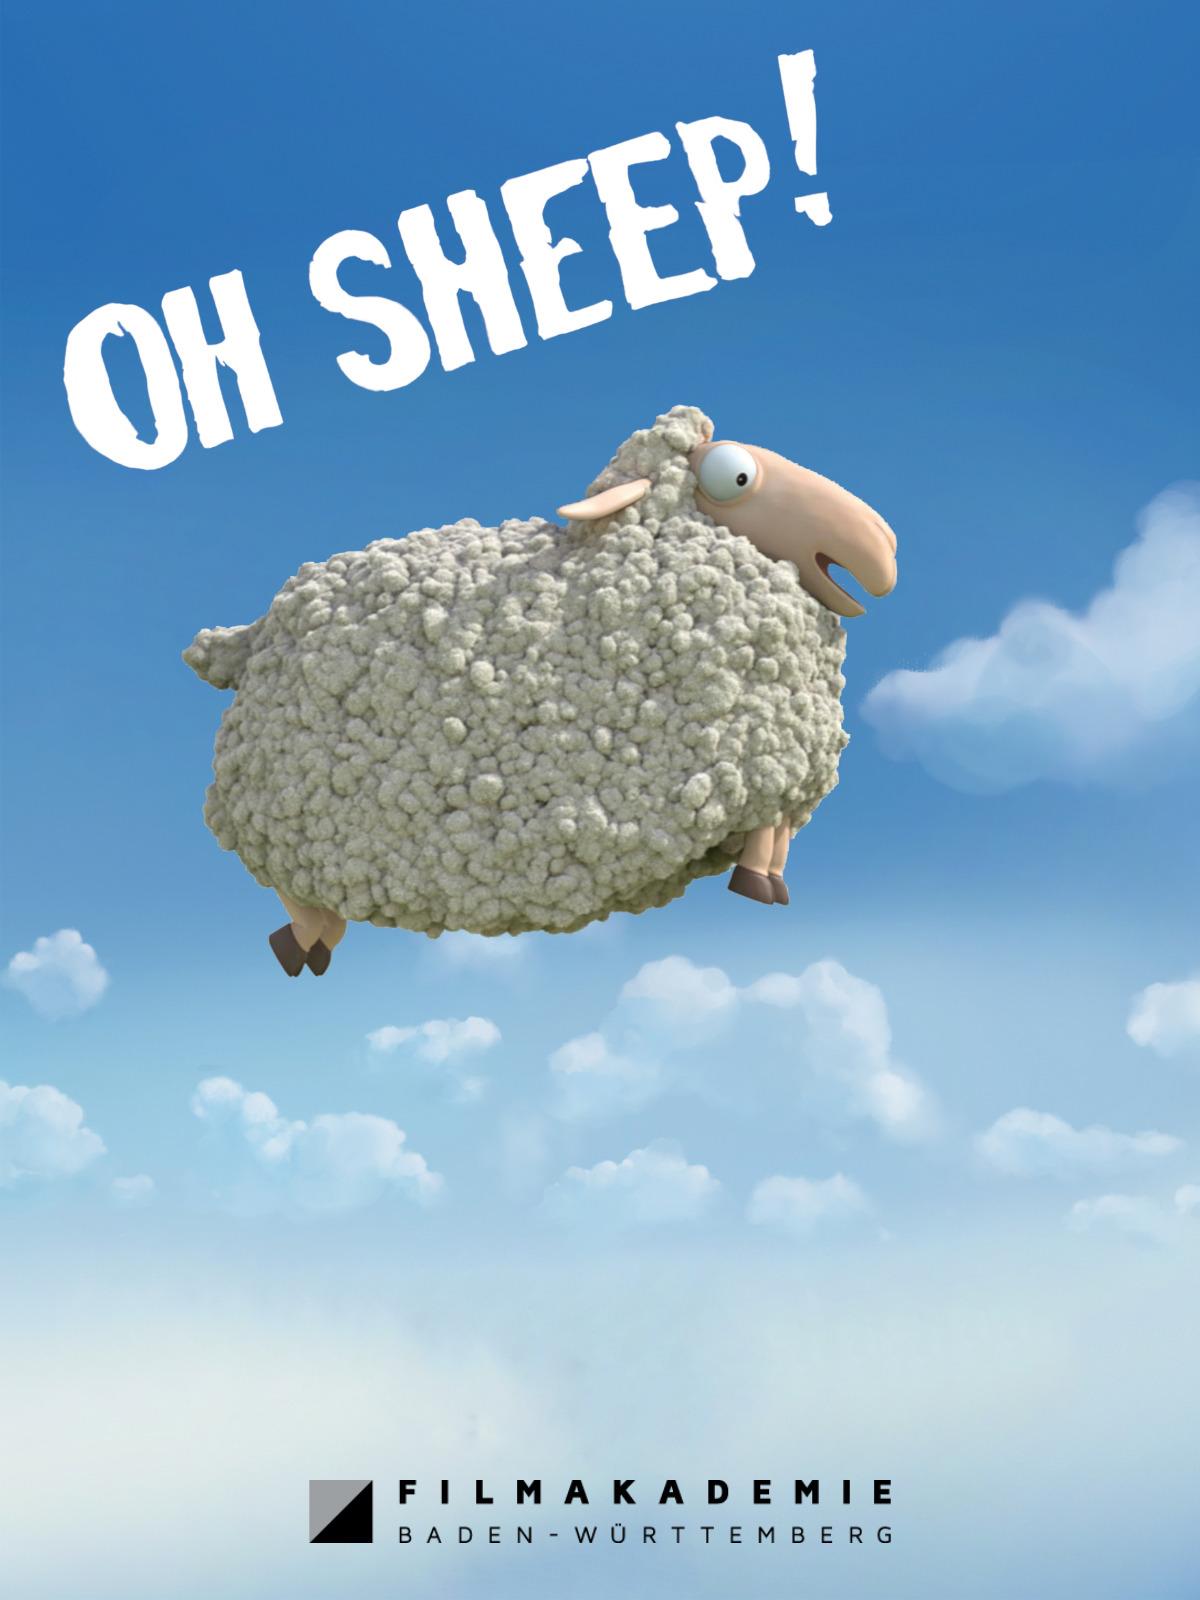 Oh Sheep!